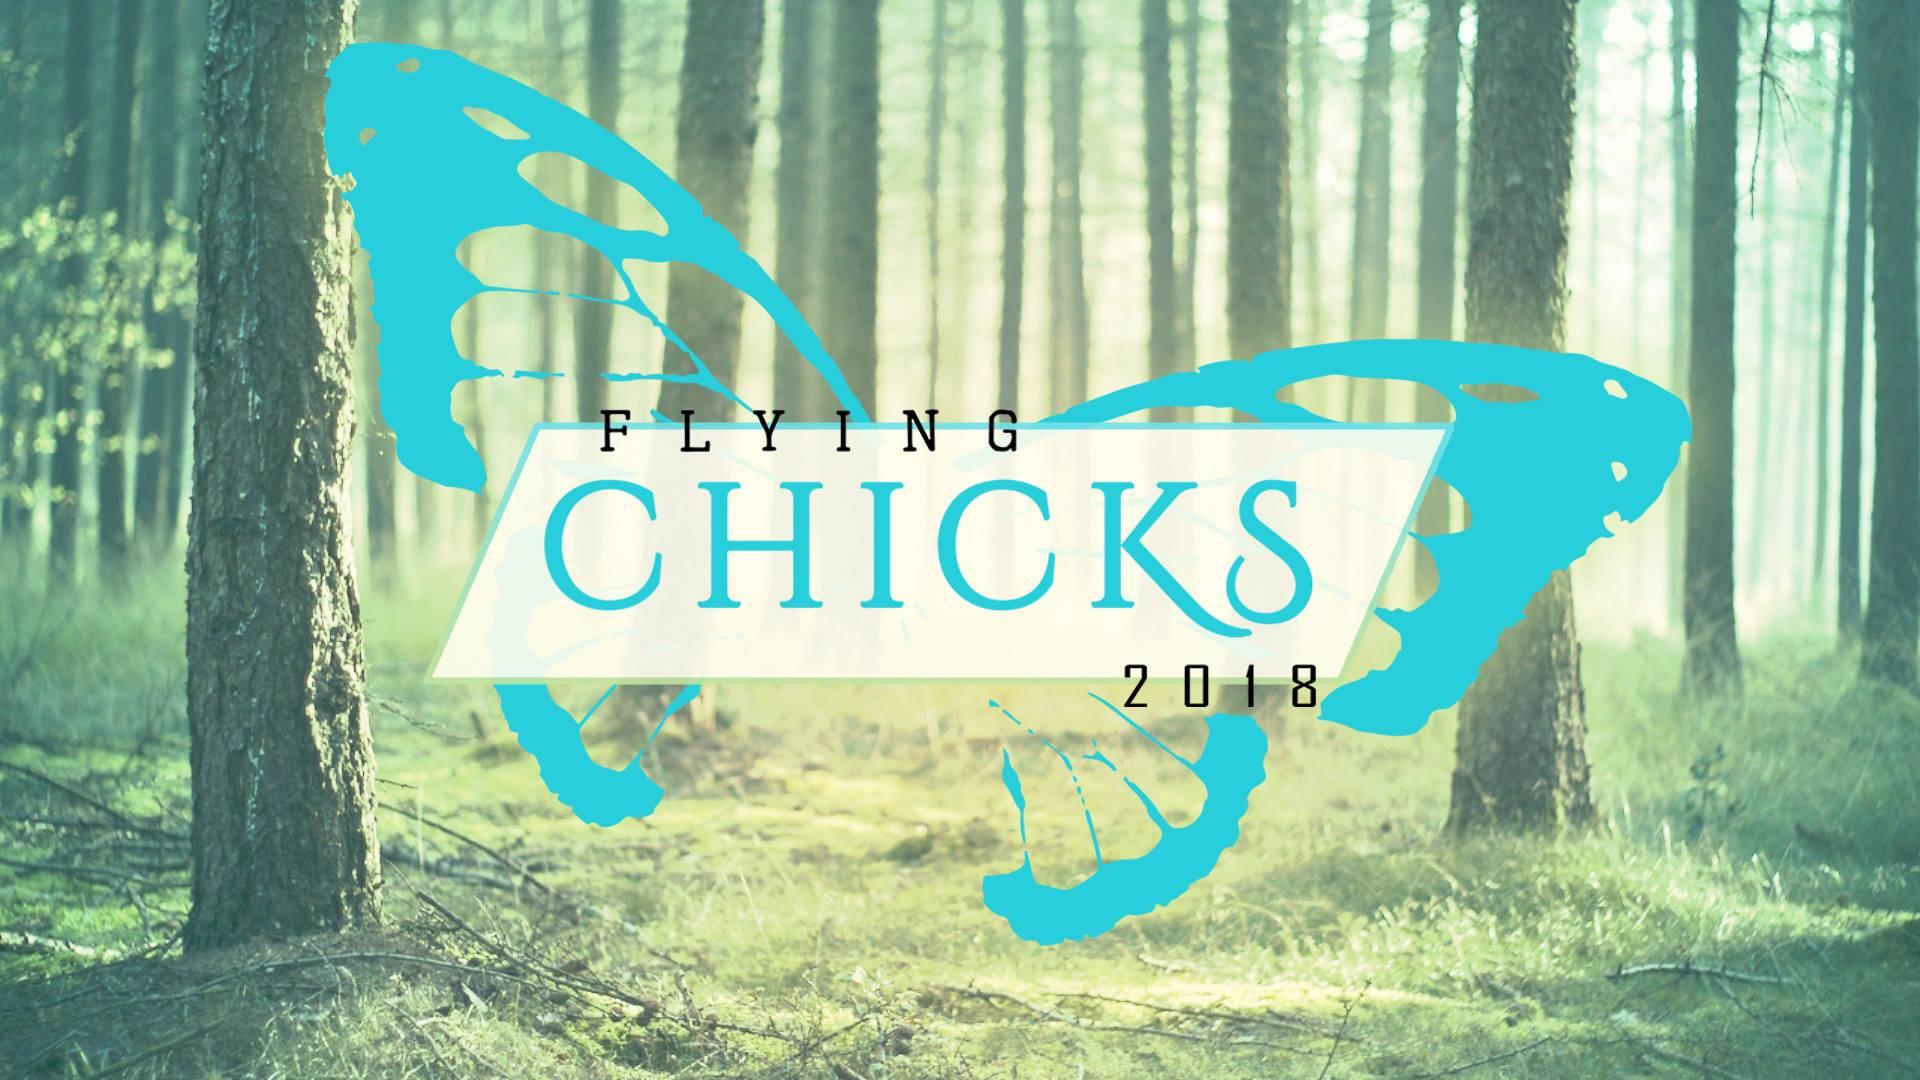 Flying Chicks 2019